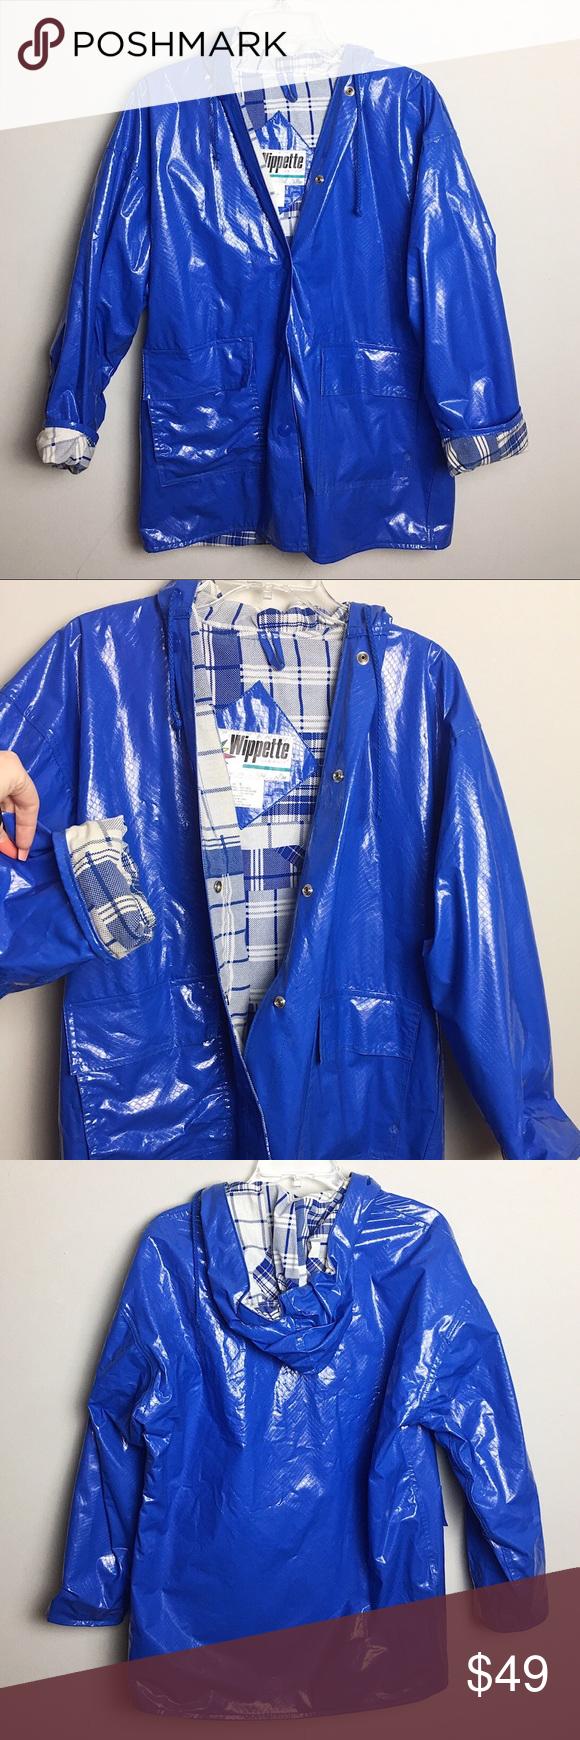 Blue Vinyl Snakeskin Vintage Wippette Jacket Bright Blue Vinyl Vintage Jacket Love The Color And Snake Skin Pa Vintage Jacket Blue Vinyl Red Leather Jacket